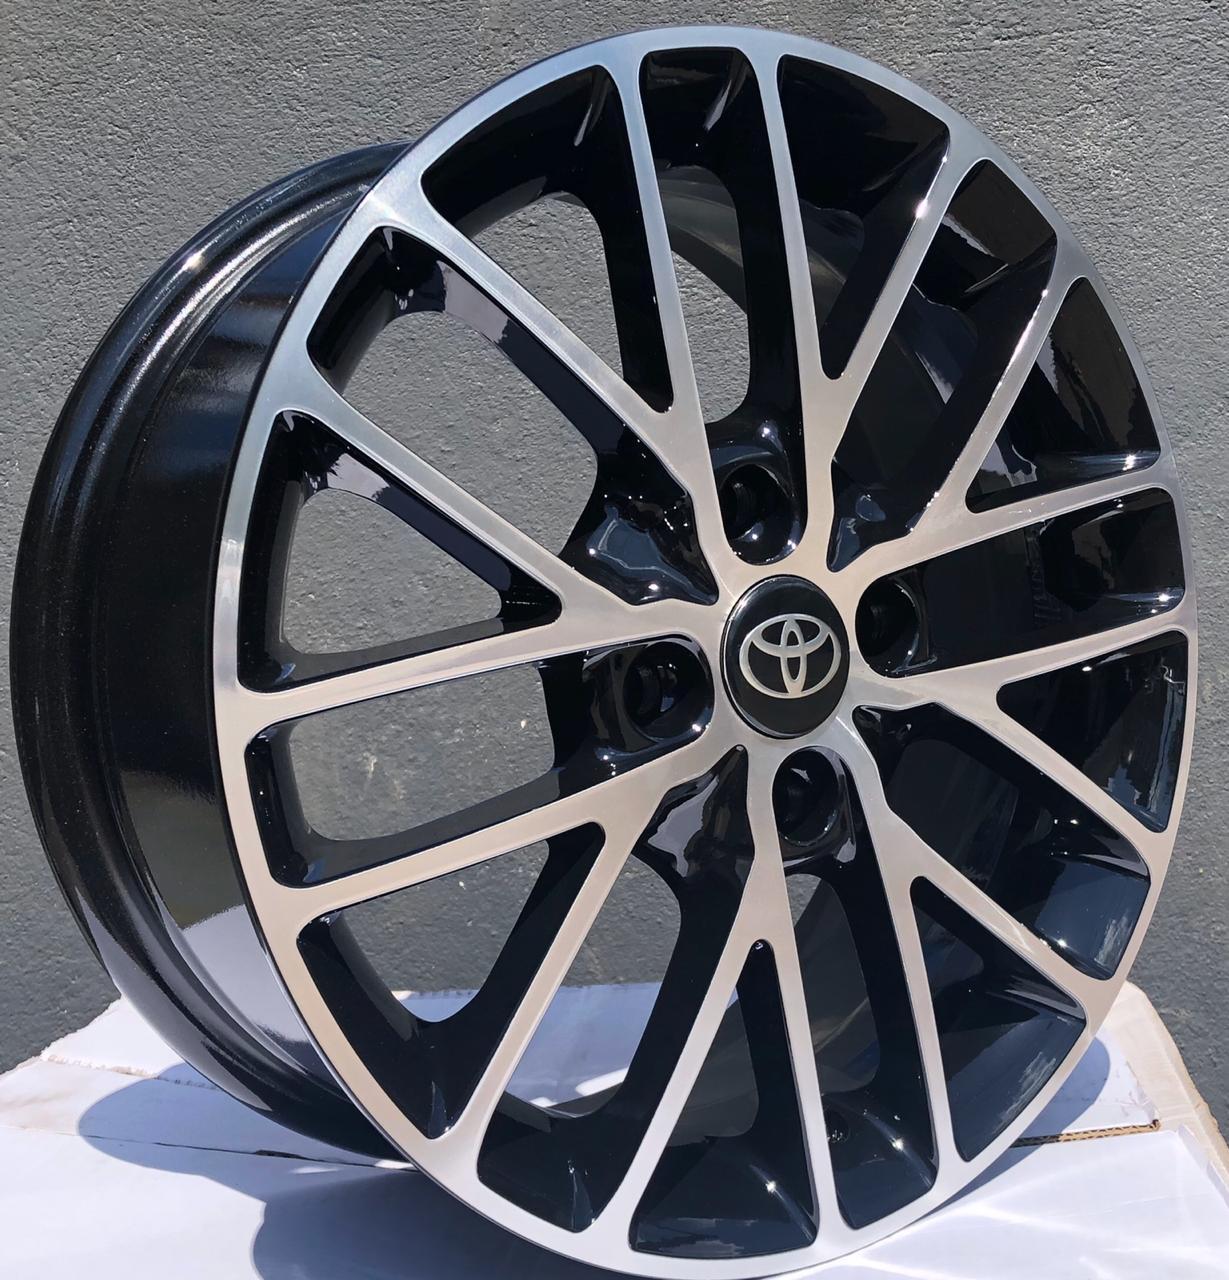 Kit 4 Rodas Aro 15x6 Toyota Esportiva  4X100 Et40 BD EW B20